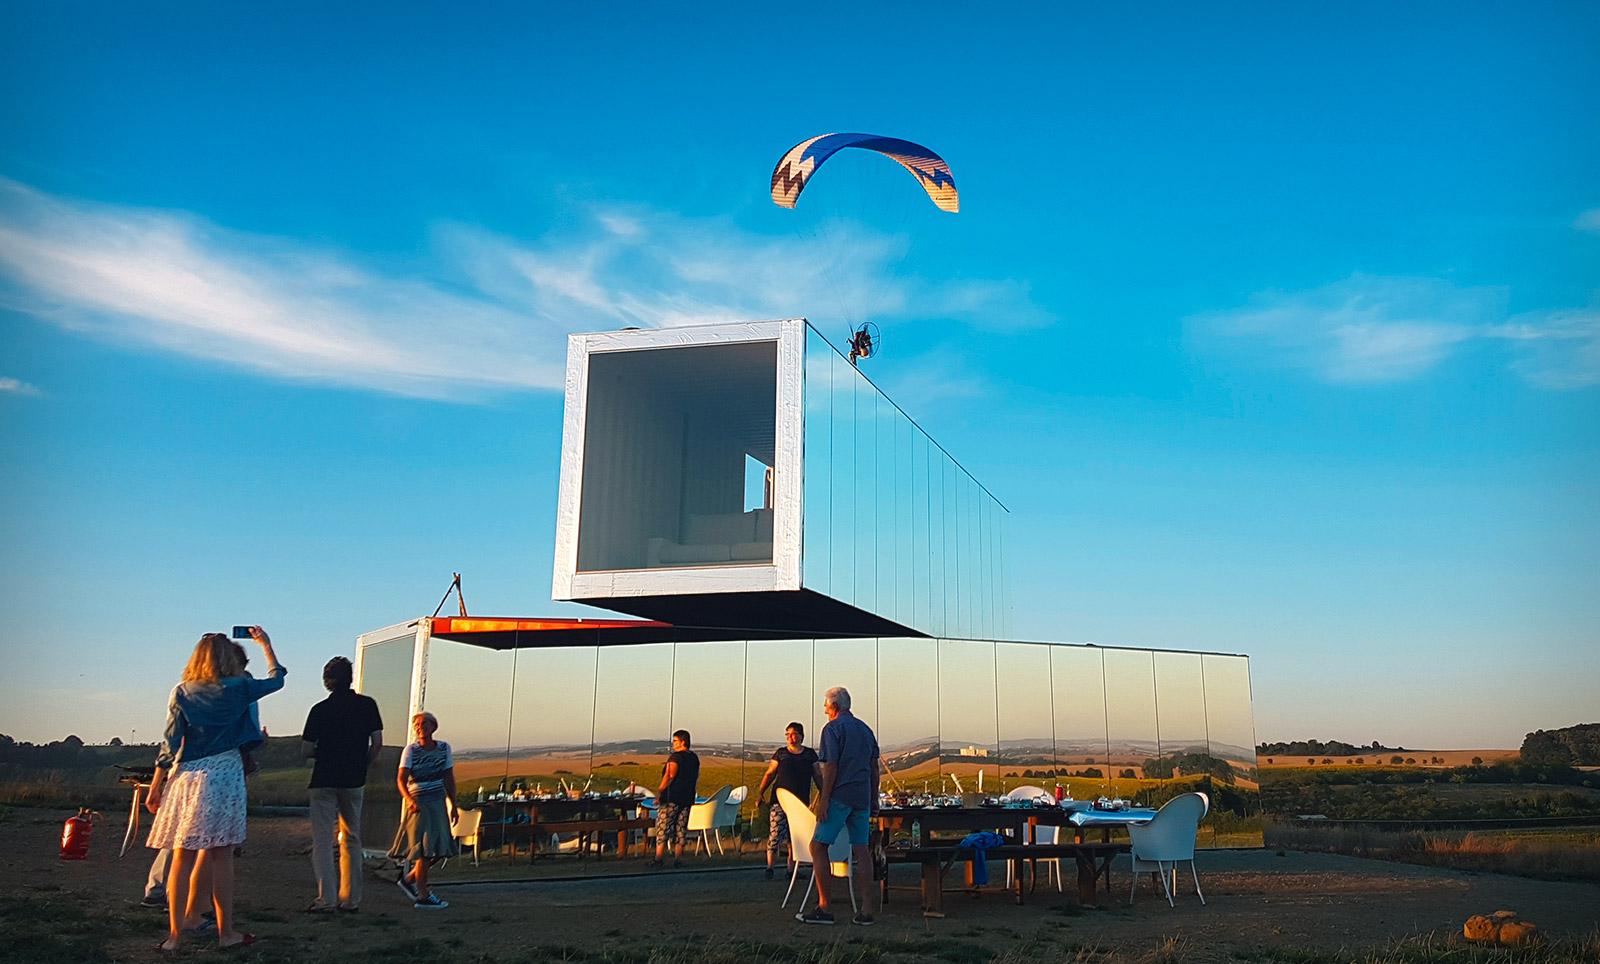 Mehr als ein Kunstobjekt - Leute interagieren mit der Spiegelarche, Quelle: